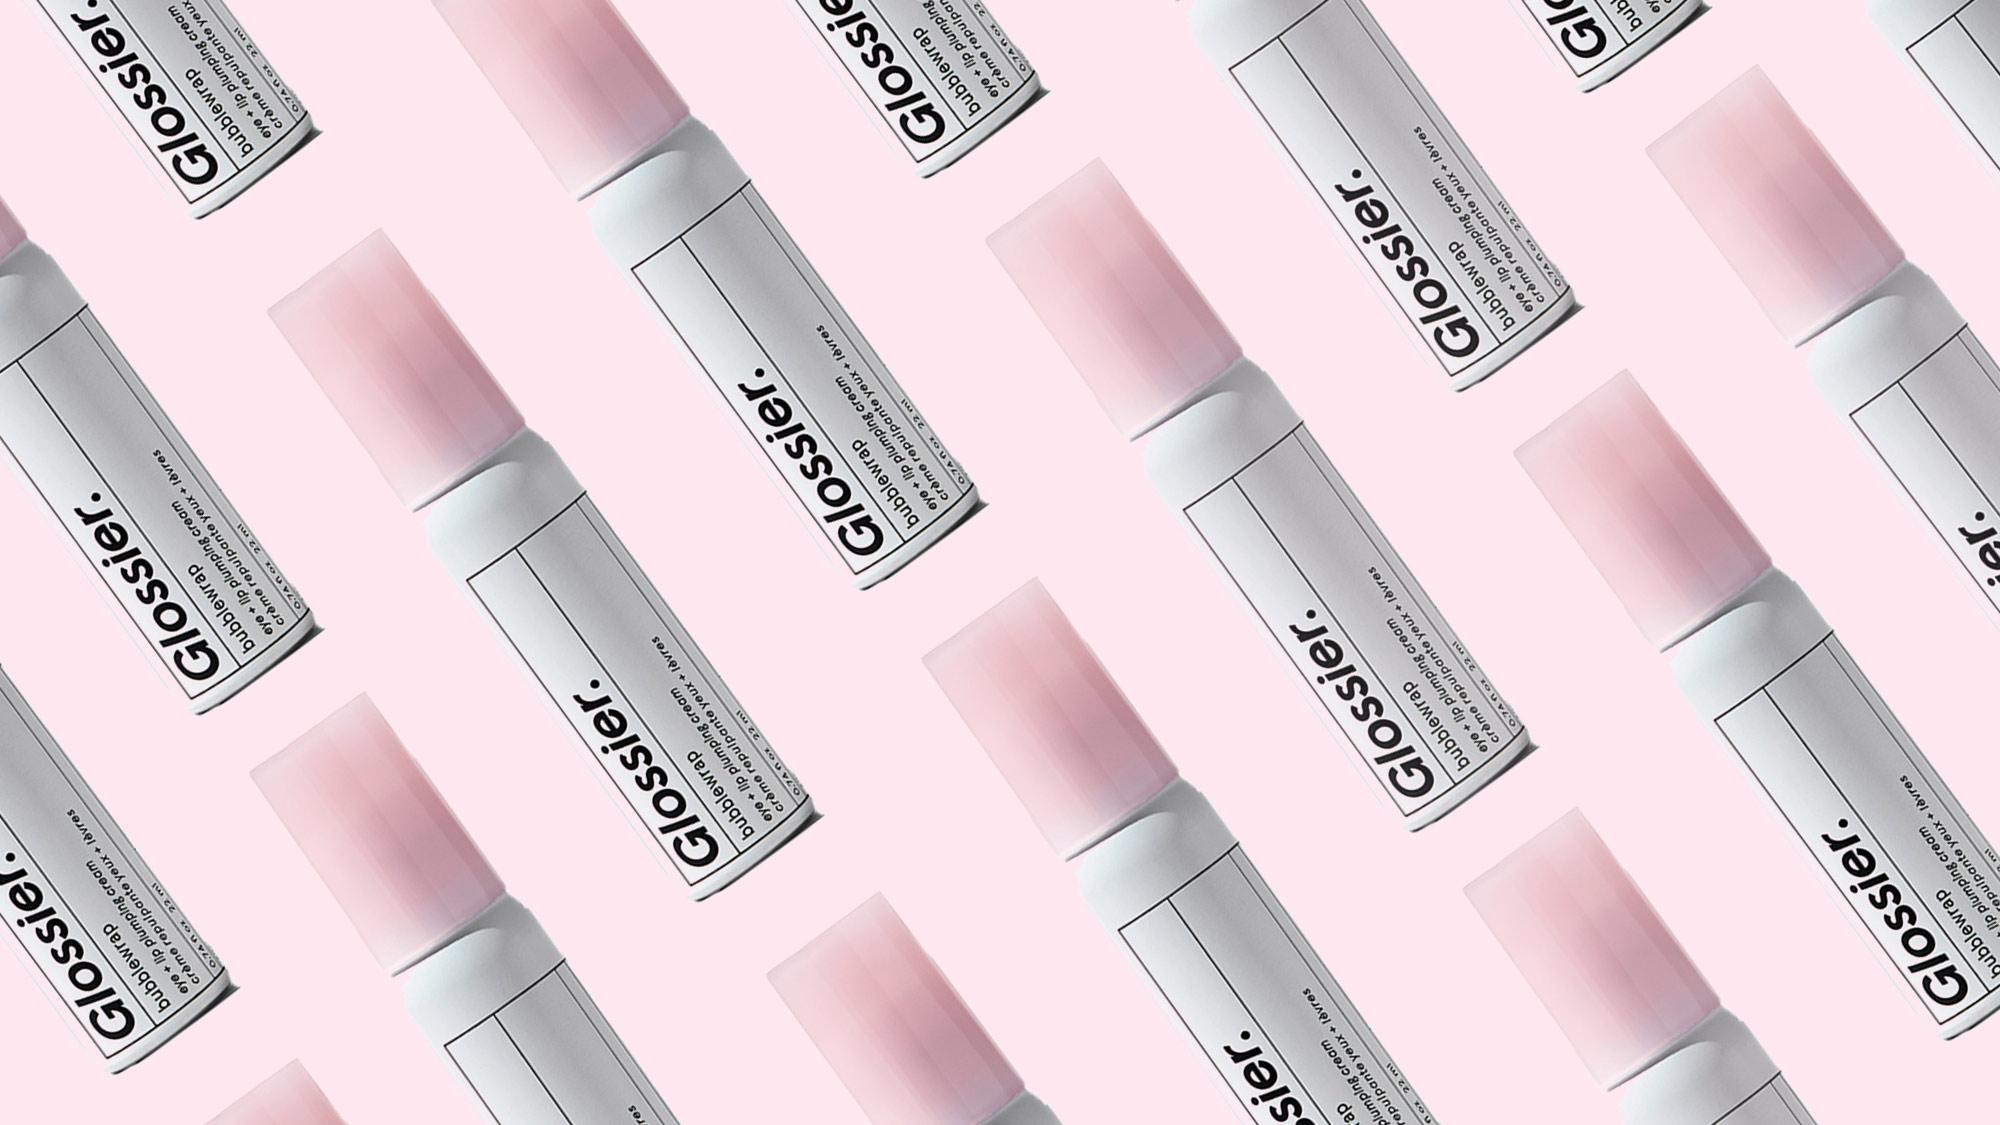 Táo bạo như Glossier, kết hợp 2 trong 1 cho ra mắt dòng sản phẩm kem dưỡng cho mắt và môi Bubblewrap